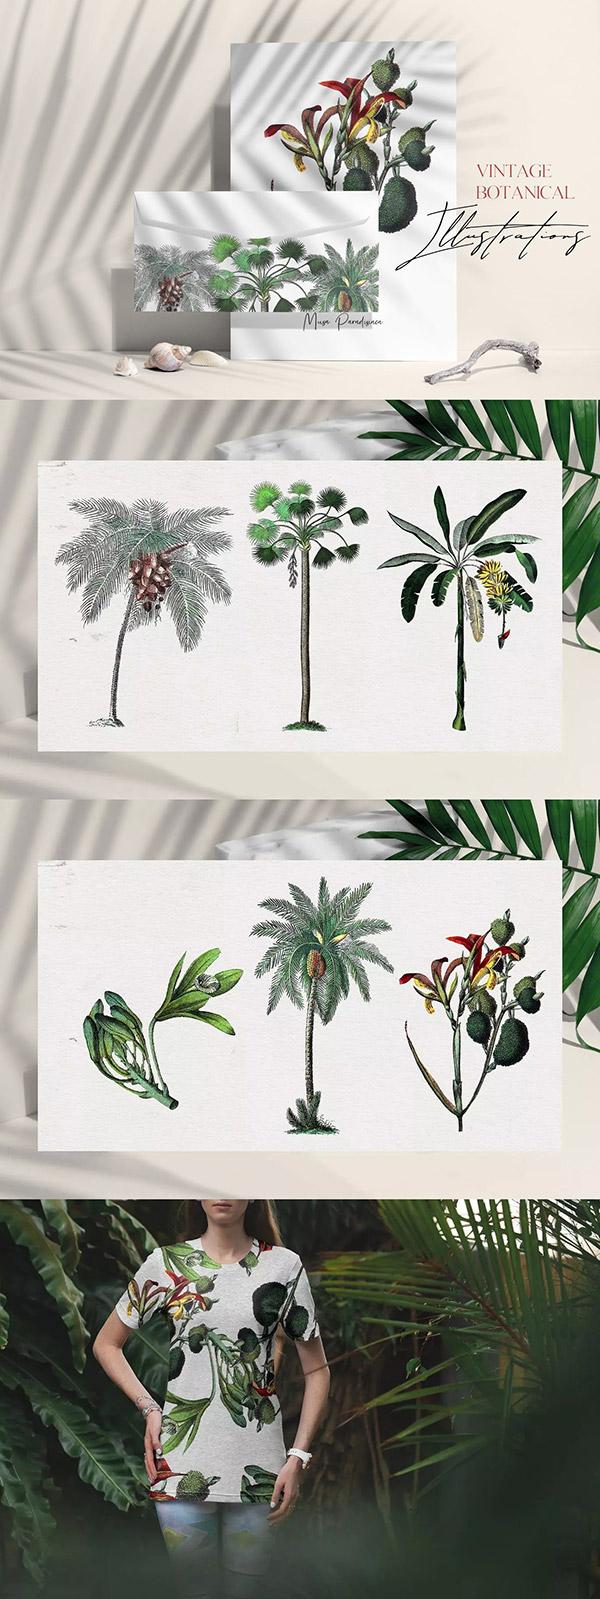 复古风格热带植物插画